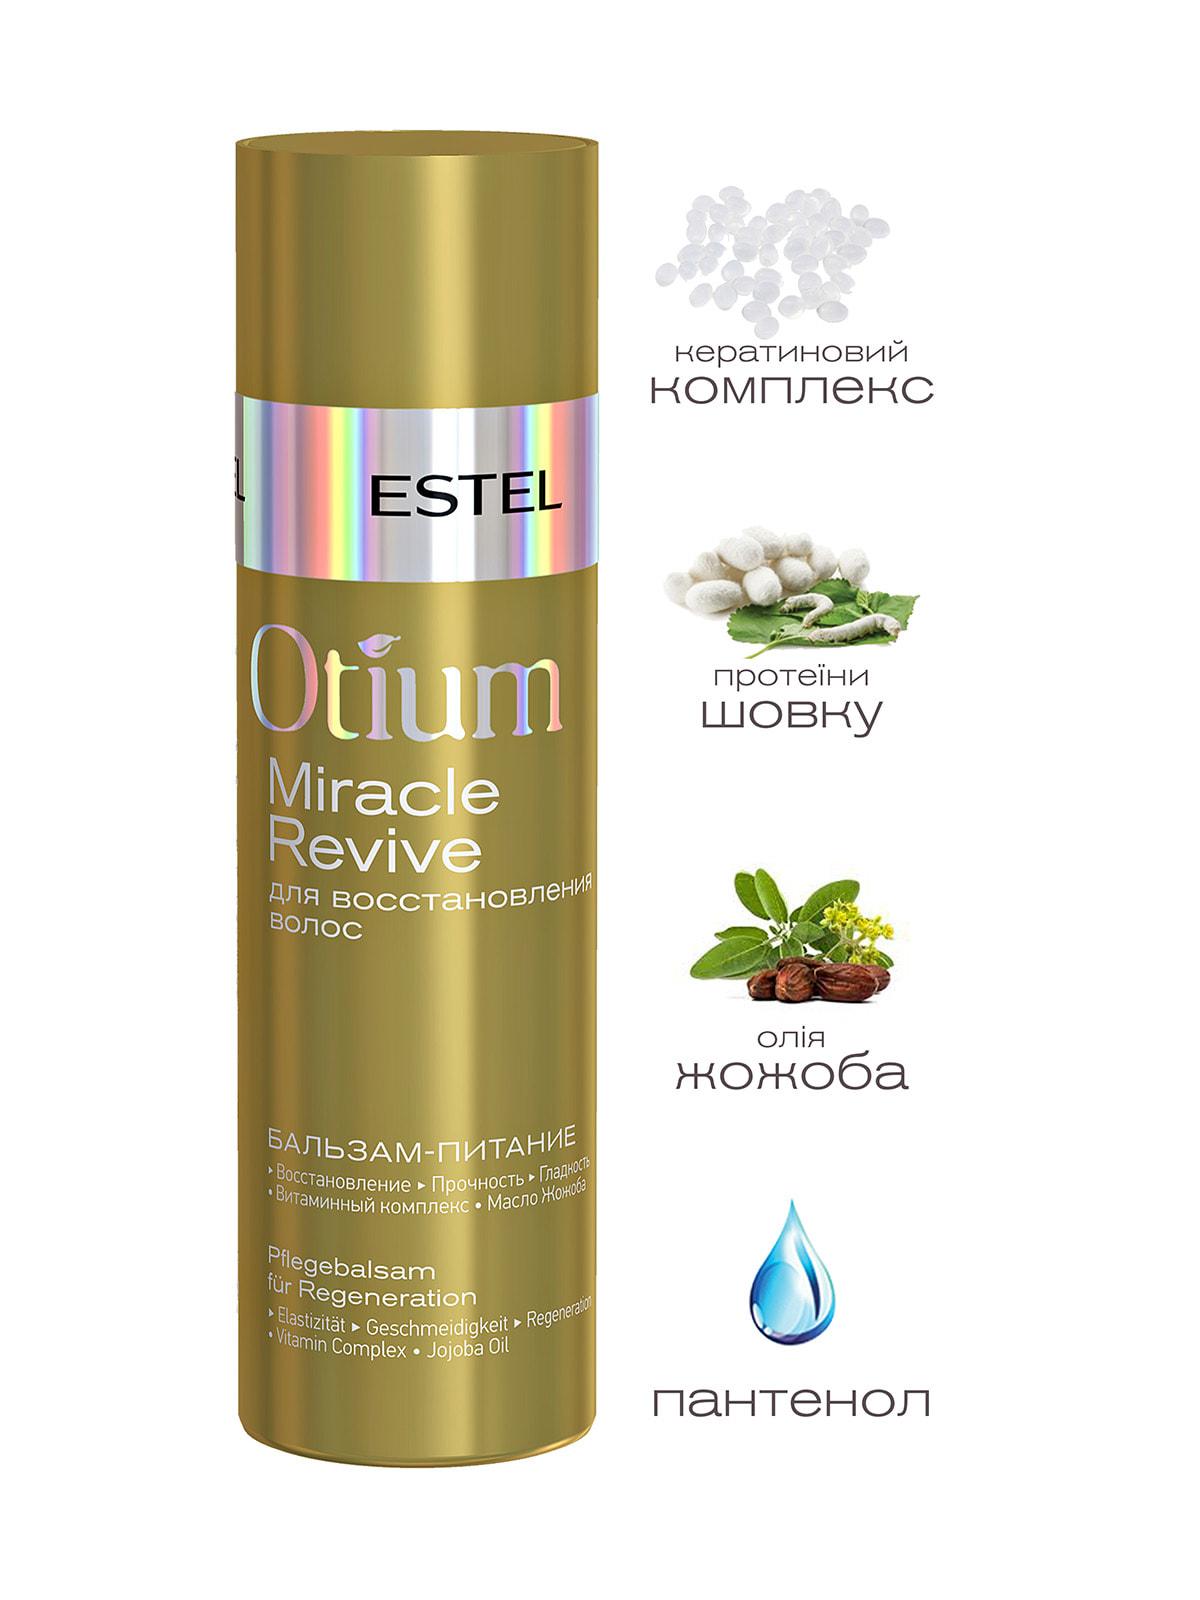 Бальзам-питание для восстановления волос Otium Miracle Revive (200 мл) | 4693972 | фото 2